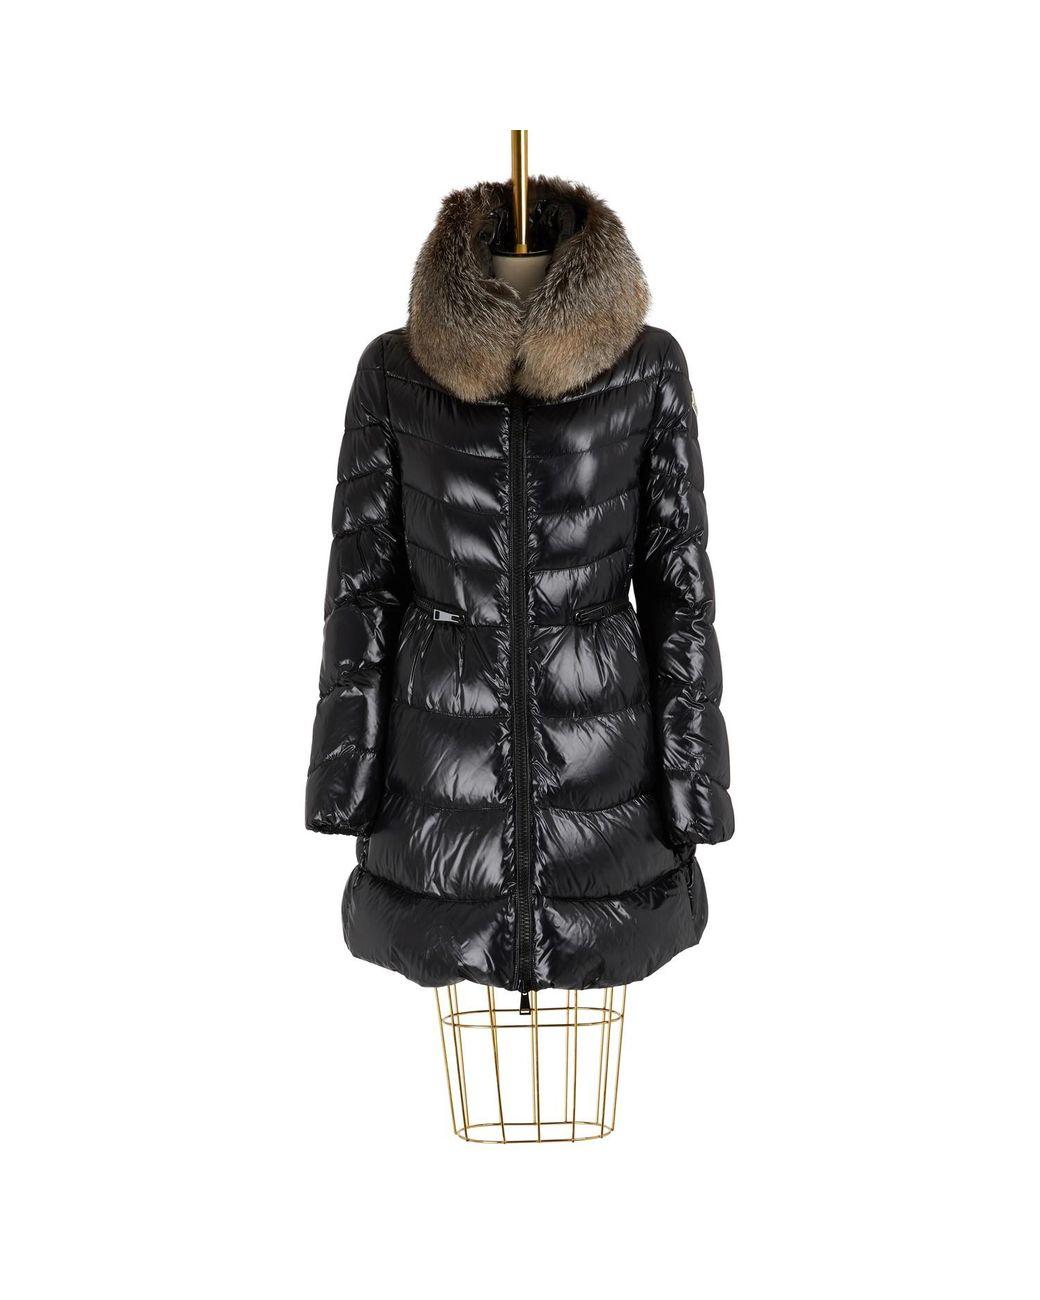 69a86a99a Women's Black Mirielon Jacket